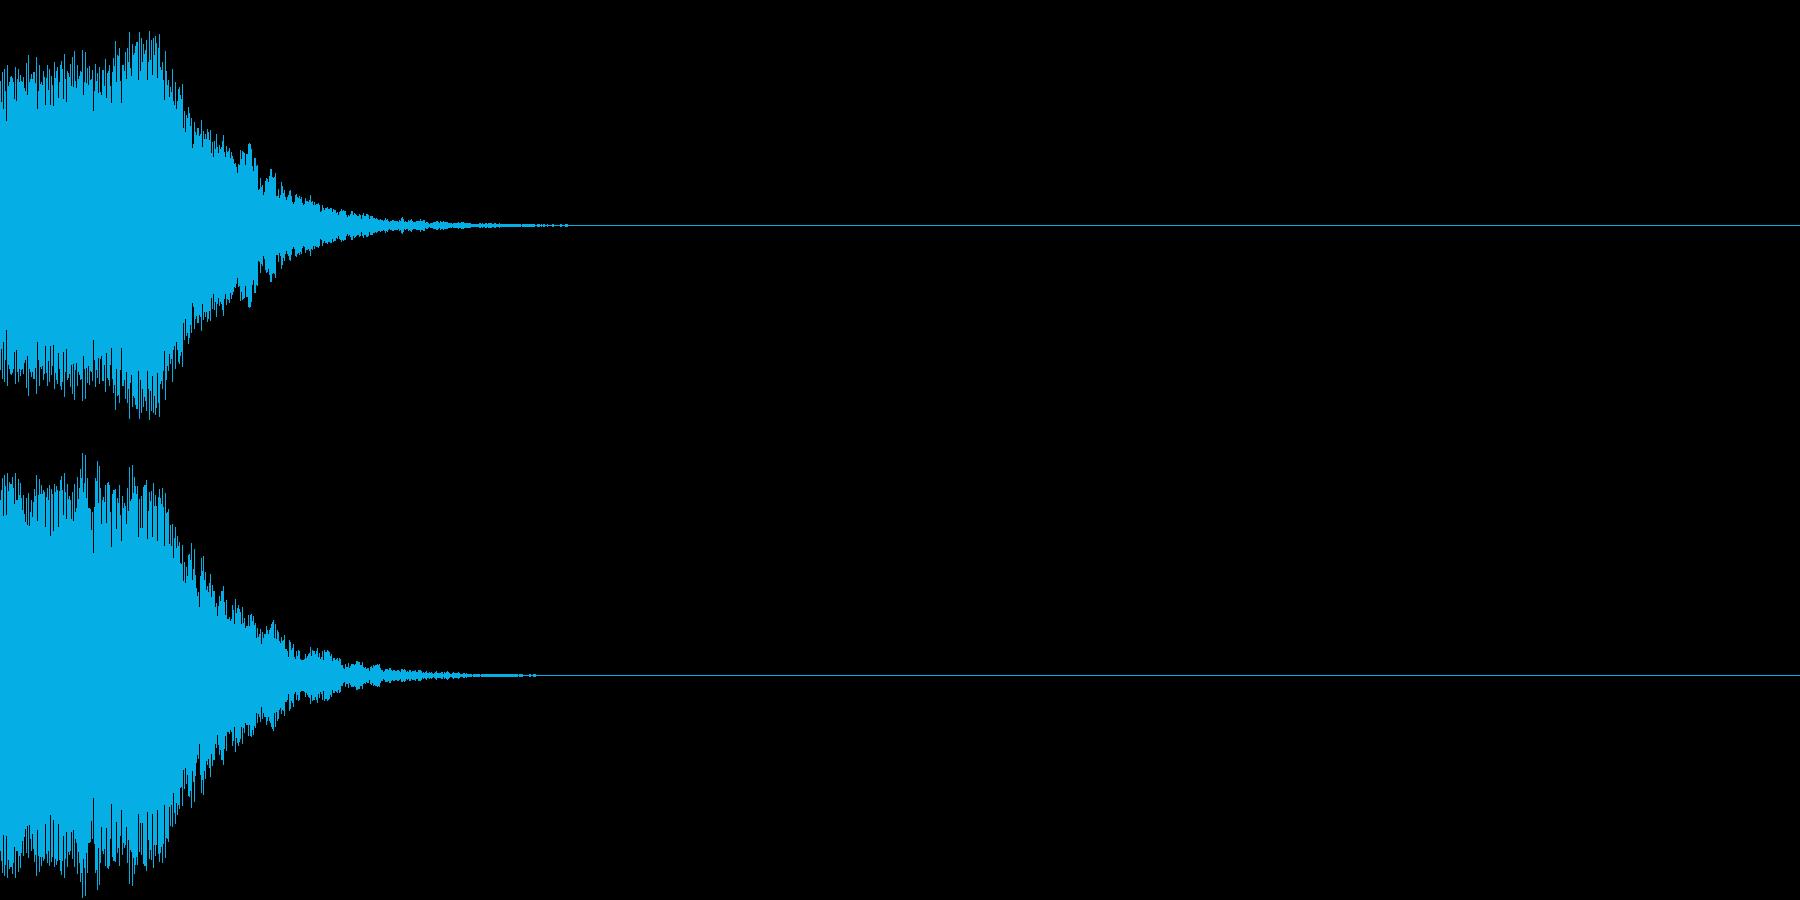 ズーン(意気消沈・落ち込む・コミカル)の再生済みの波形